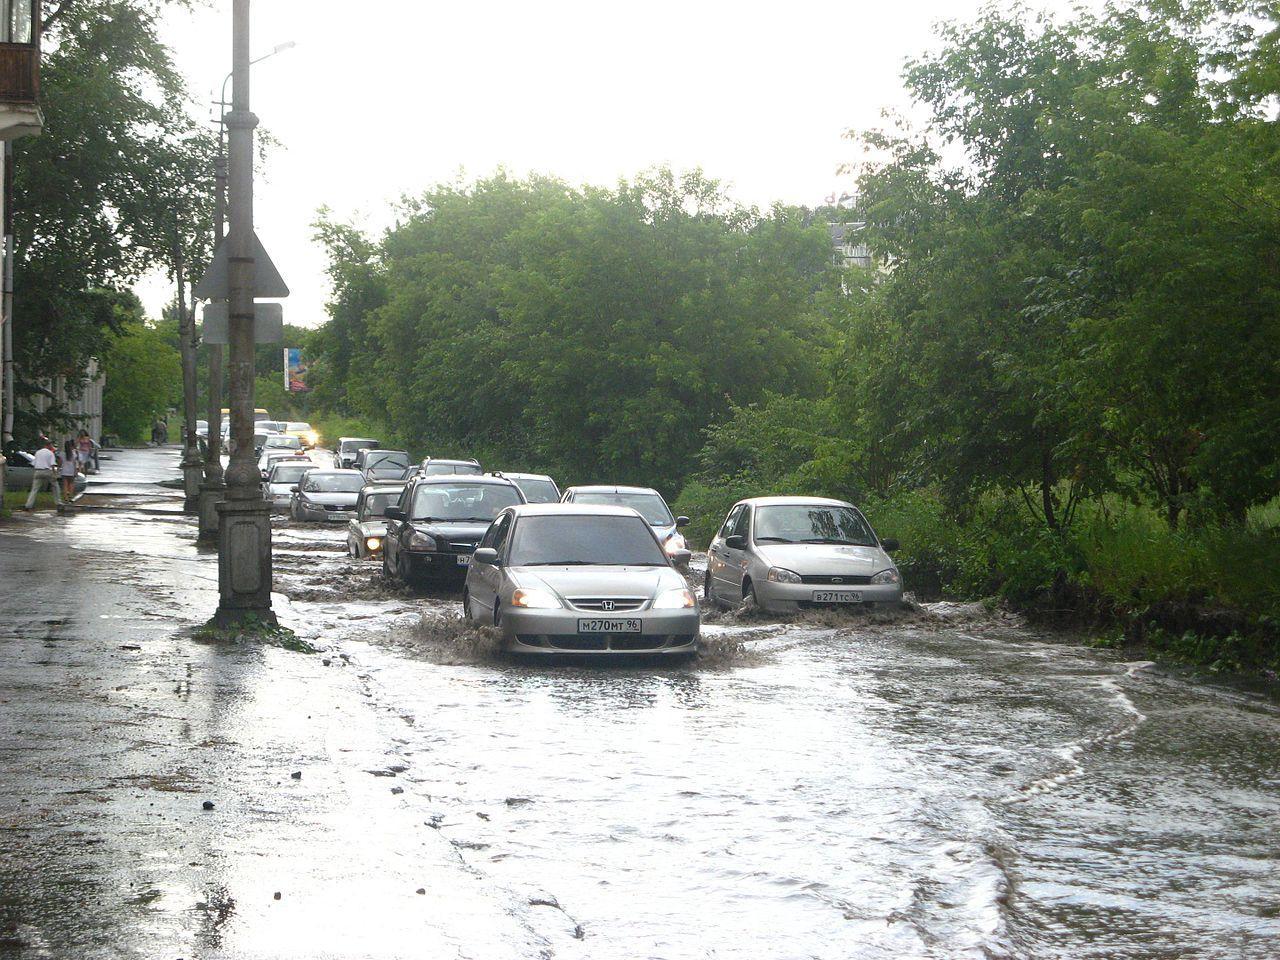 Из-за проливных дождей насевере Бурятии размыло дороги. Введен режимЧС